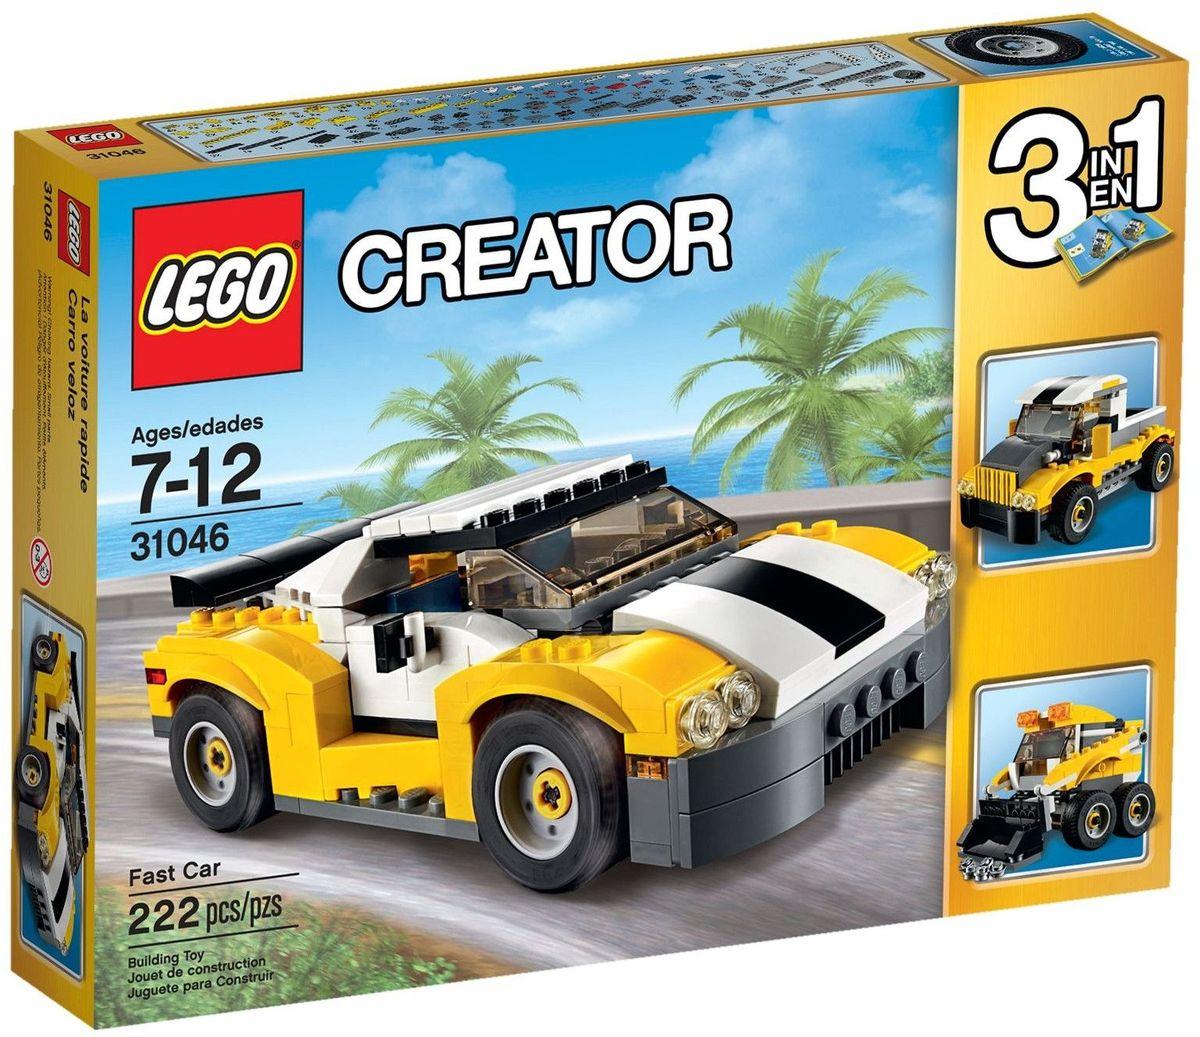 LEGO Creator Конструктор Кабриолет 3104631046Выезжайте на дорогу на удивительном спортивном автомобиле, раскрашенном в желтый, белый и черный цвета и имеющем огромный спойлер, стильные диски с низкопрофильными шинами, открывающийся верх кузова и детализированный двигатель. Откройте поднимающиеся двери, садитесь за руль, складывайте крышу и наслаждайтесь солнечными лучами, испытывая возможности этого удивительного кабриолета! Перестройте его в грузовик-пикап или погрузчик с бортовым поворотом. Набор включает в себя 222 разноцветных пластиковых элемента. Конструктор - это один из самых увлекательных и веселых способов времяпрепровождения. Ребенок сможет часами играть с конструктором, придумывая различные ситуации и истории.